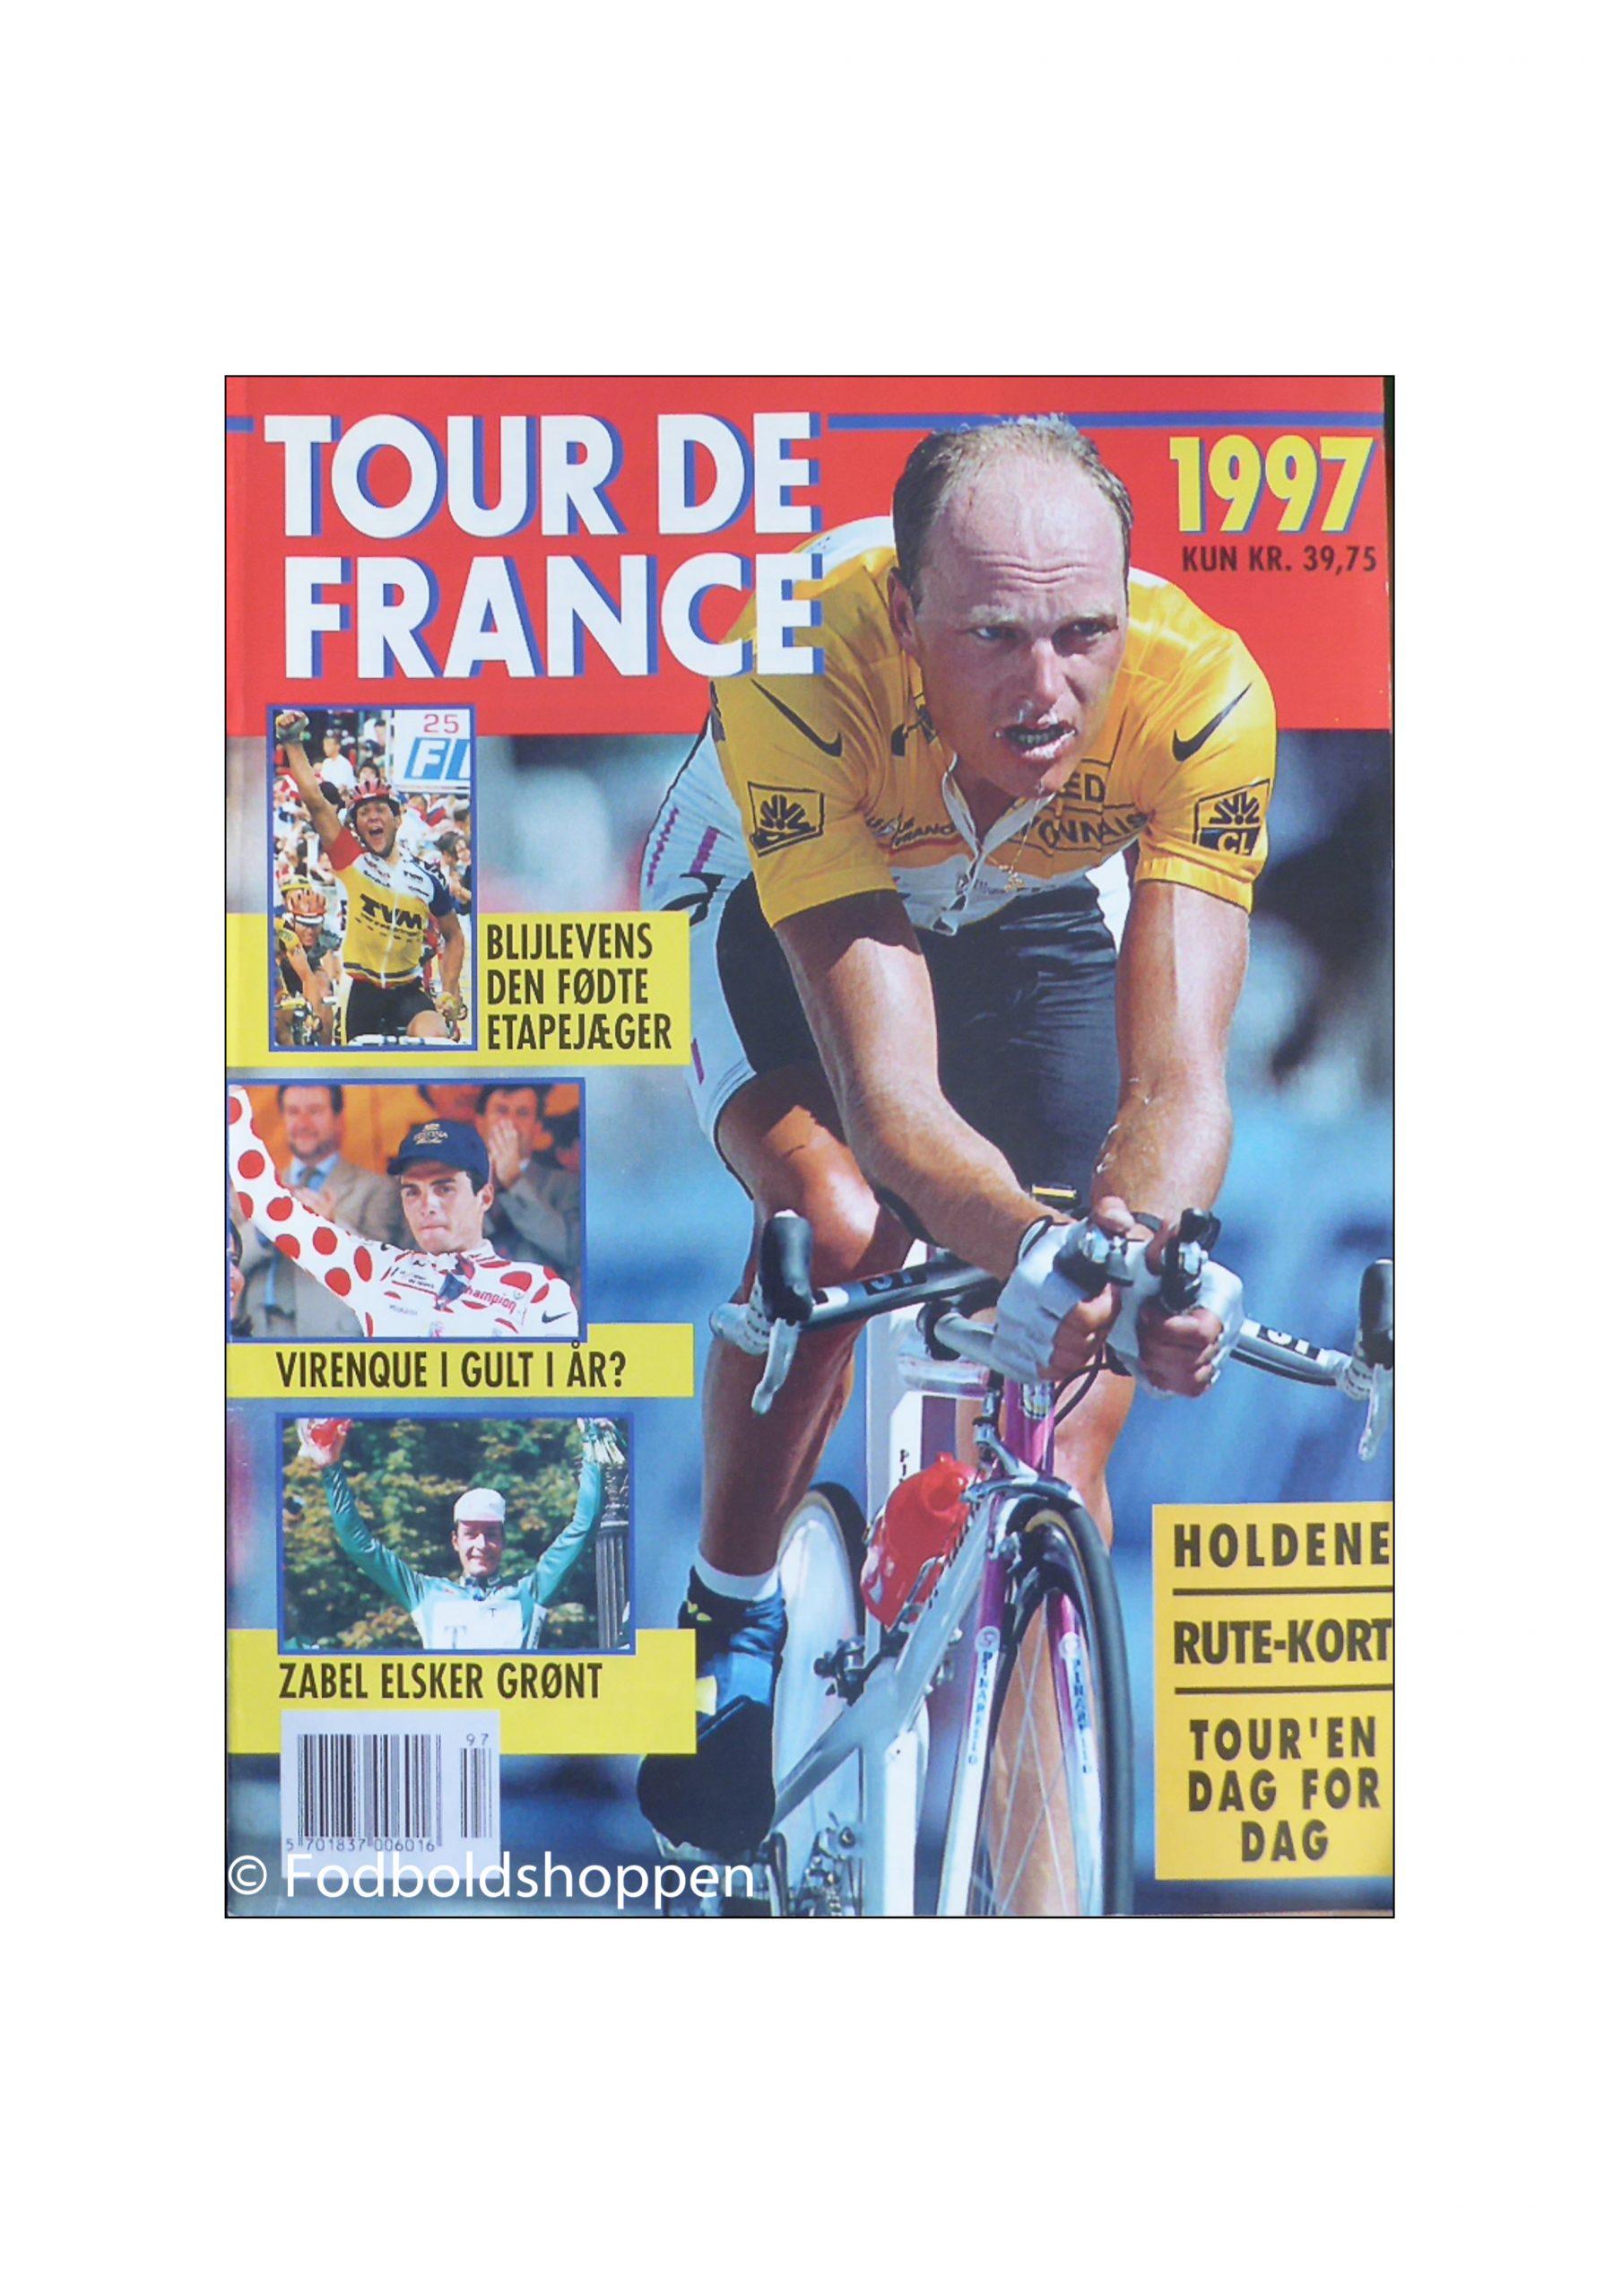 Tour De France Guide 1997